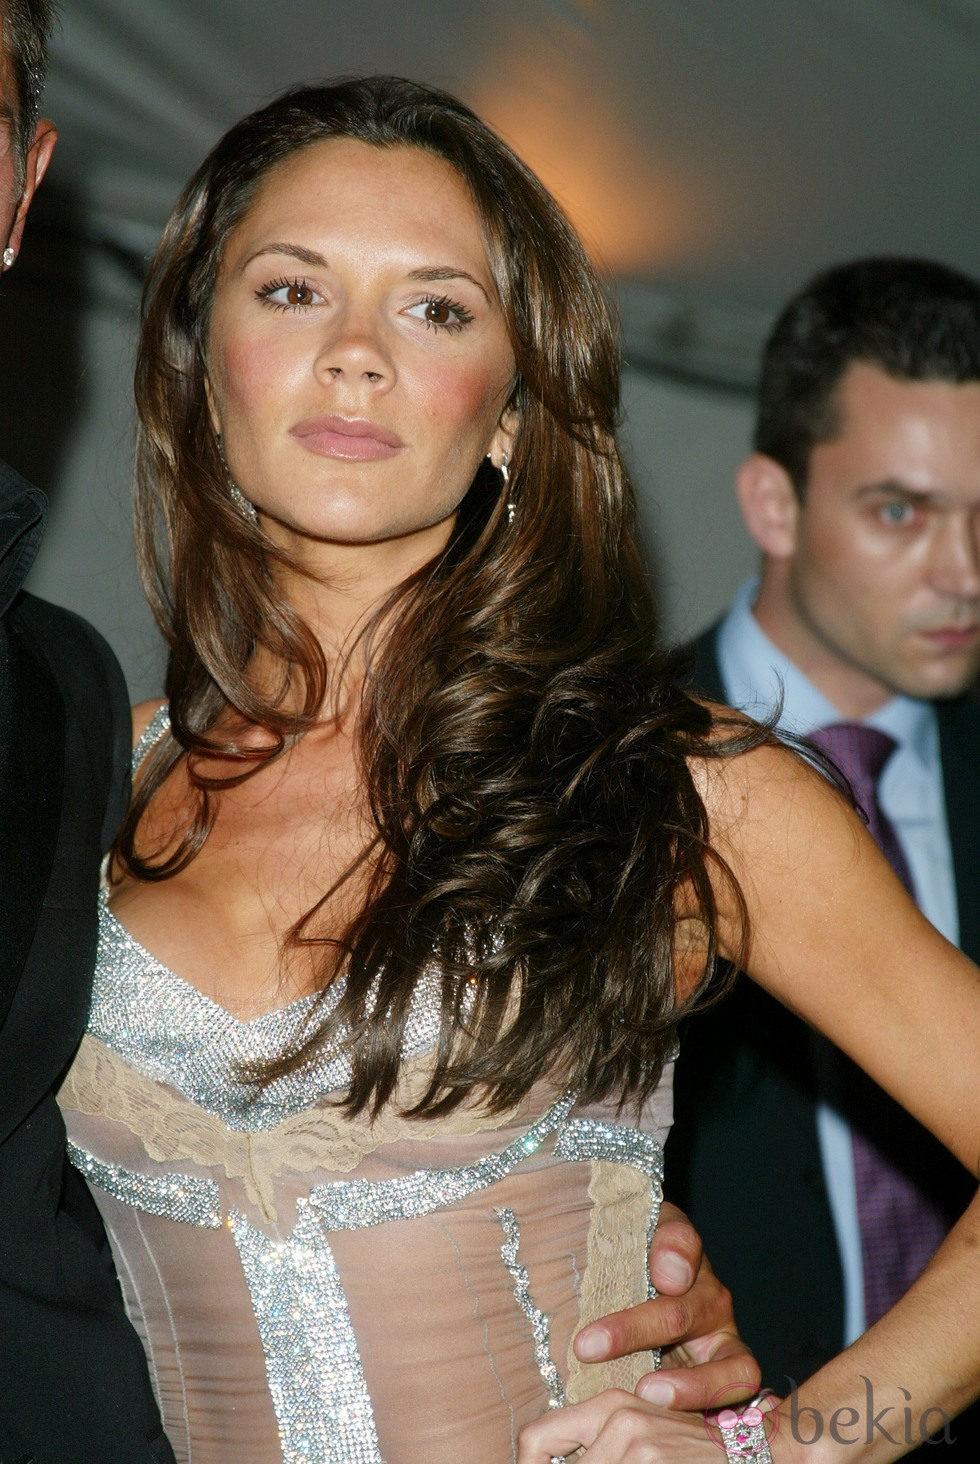 Victoria Beckham con larga melena castaña